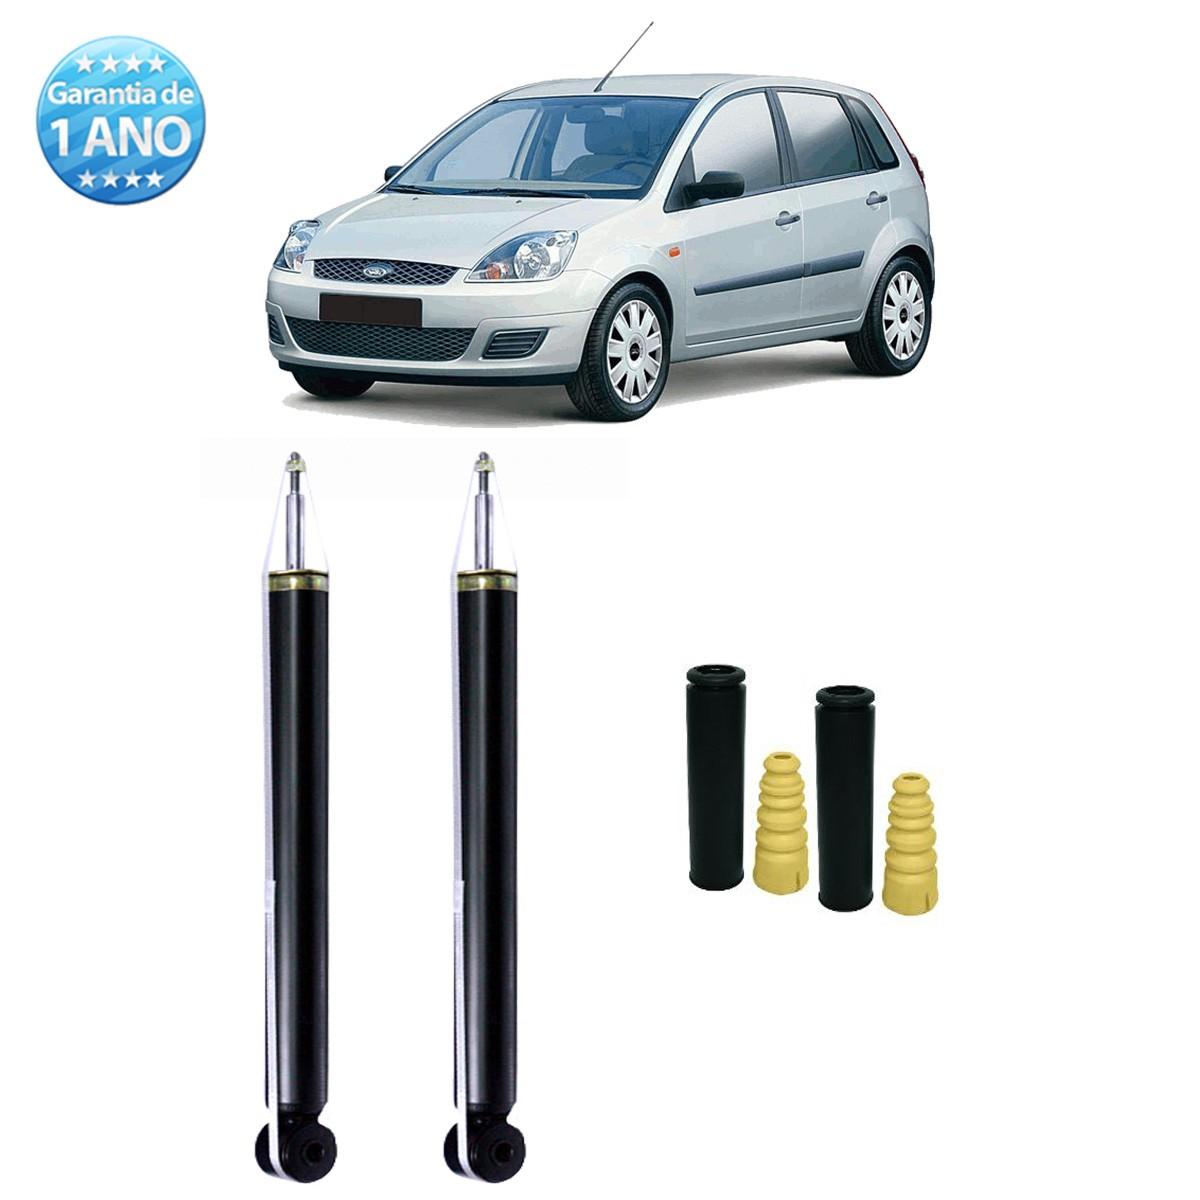 Par de Amortecedores Traseiro Remanufaturados Ford Fiesta Hatch e Sedan 2003 Até 2013 + Kit da Suspensão